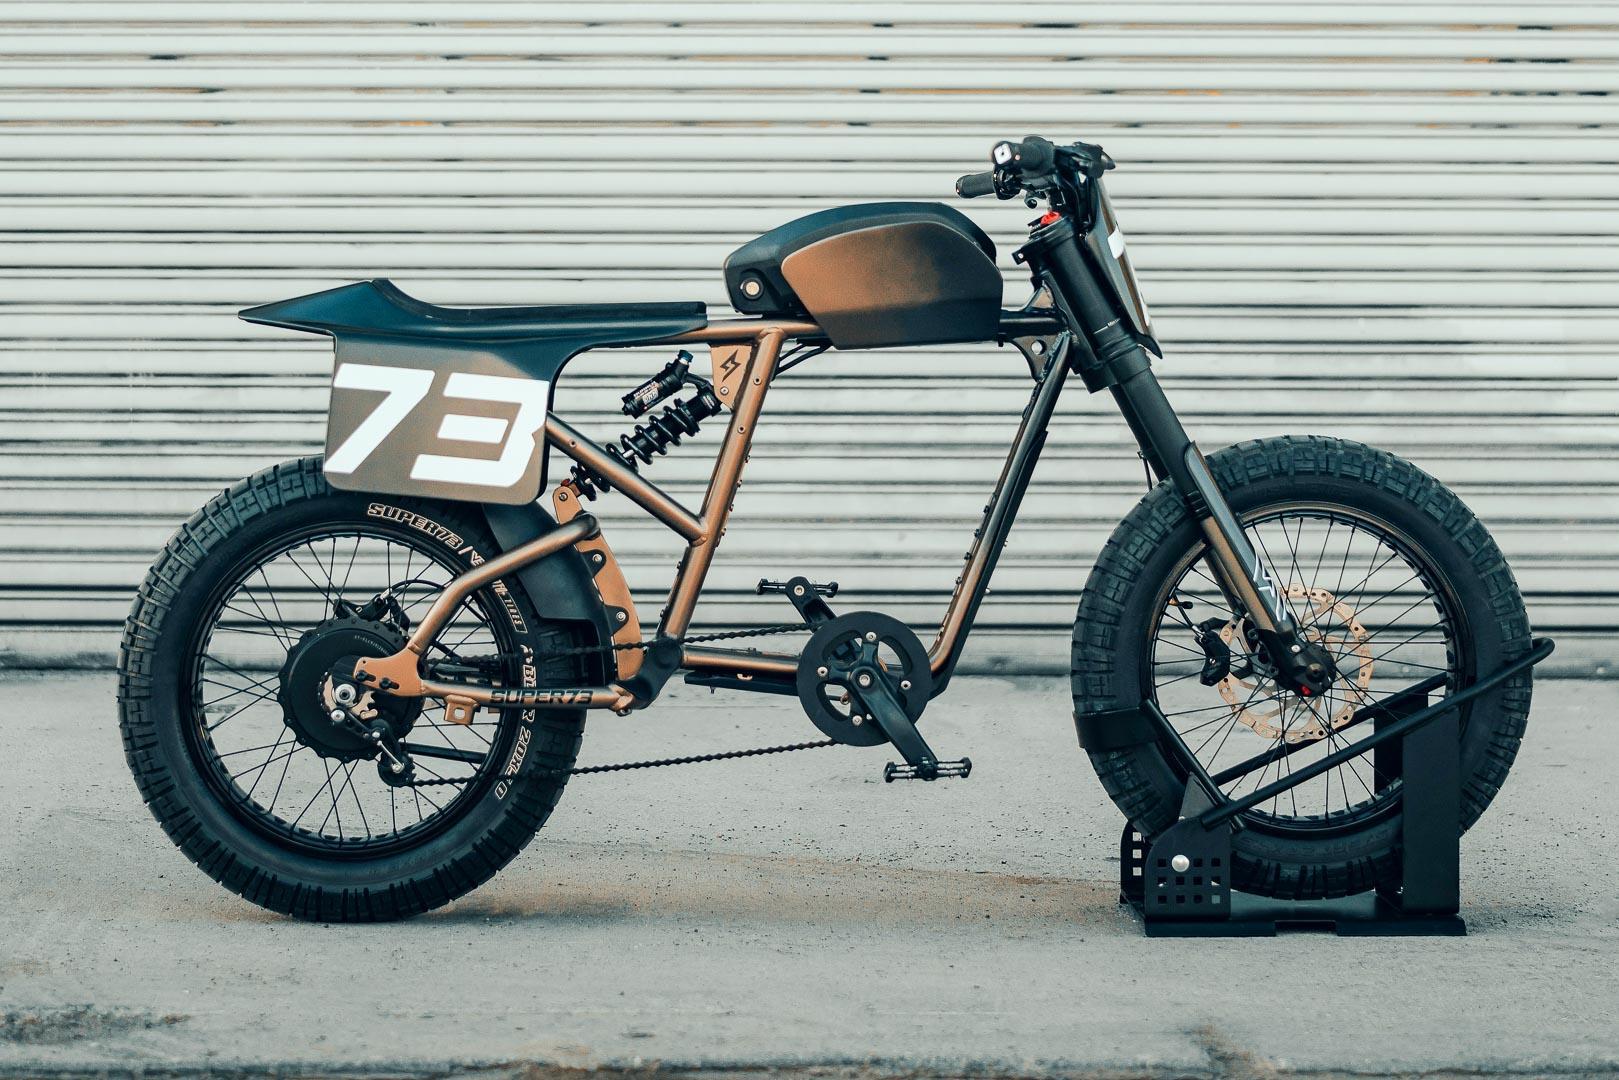 Super73 Flat Track RX: Chiếc xe đạp lai đầy táo bạo Ảnh 1